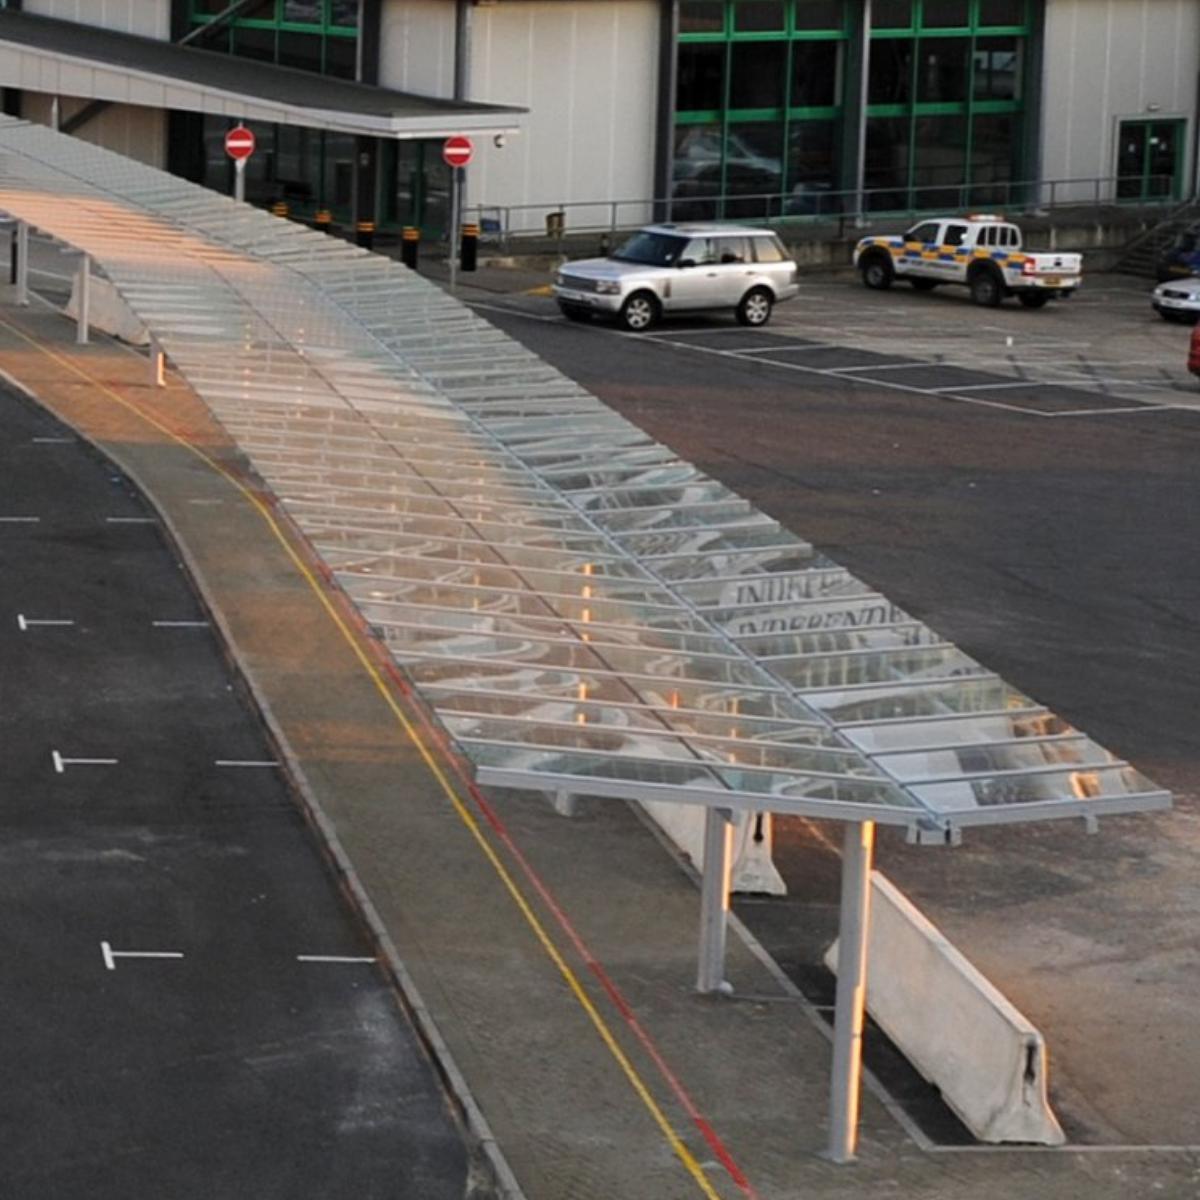 City Cruise Asymmetric Gullwing Walkway